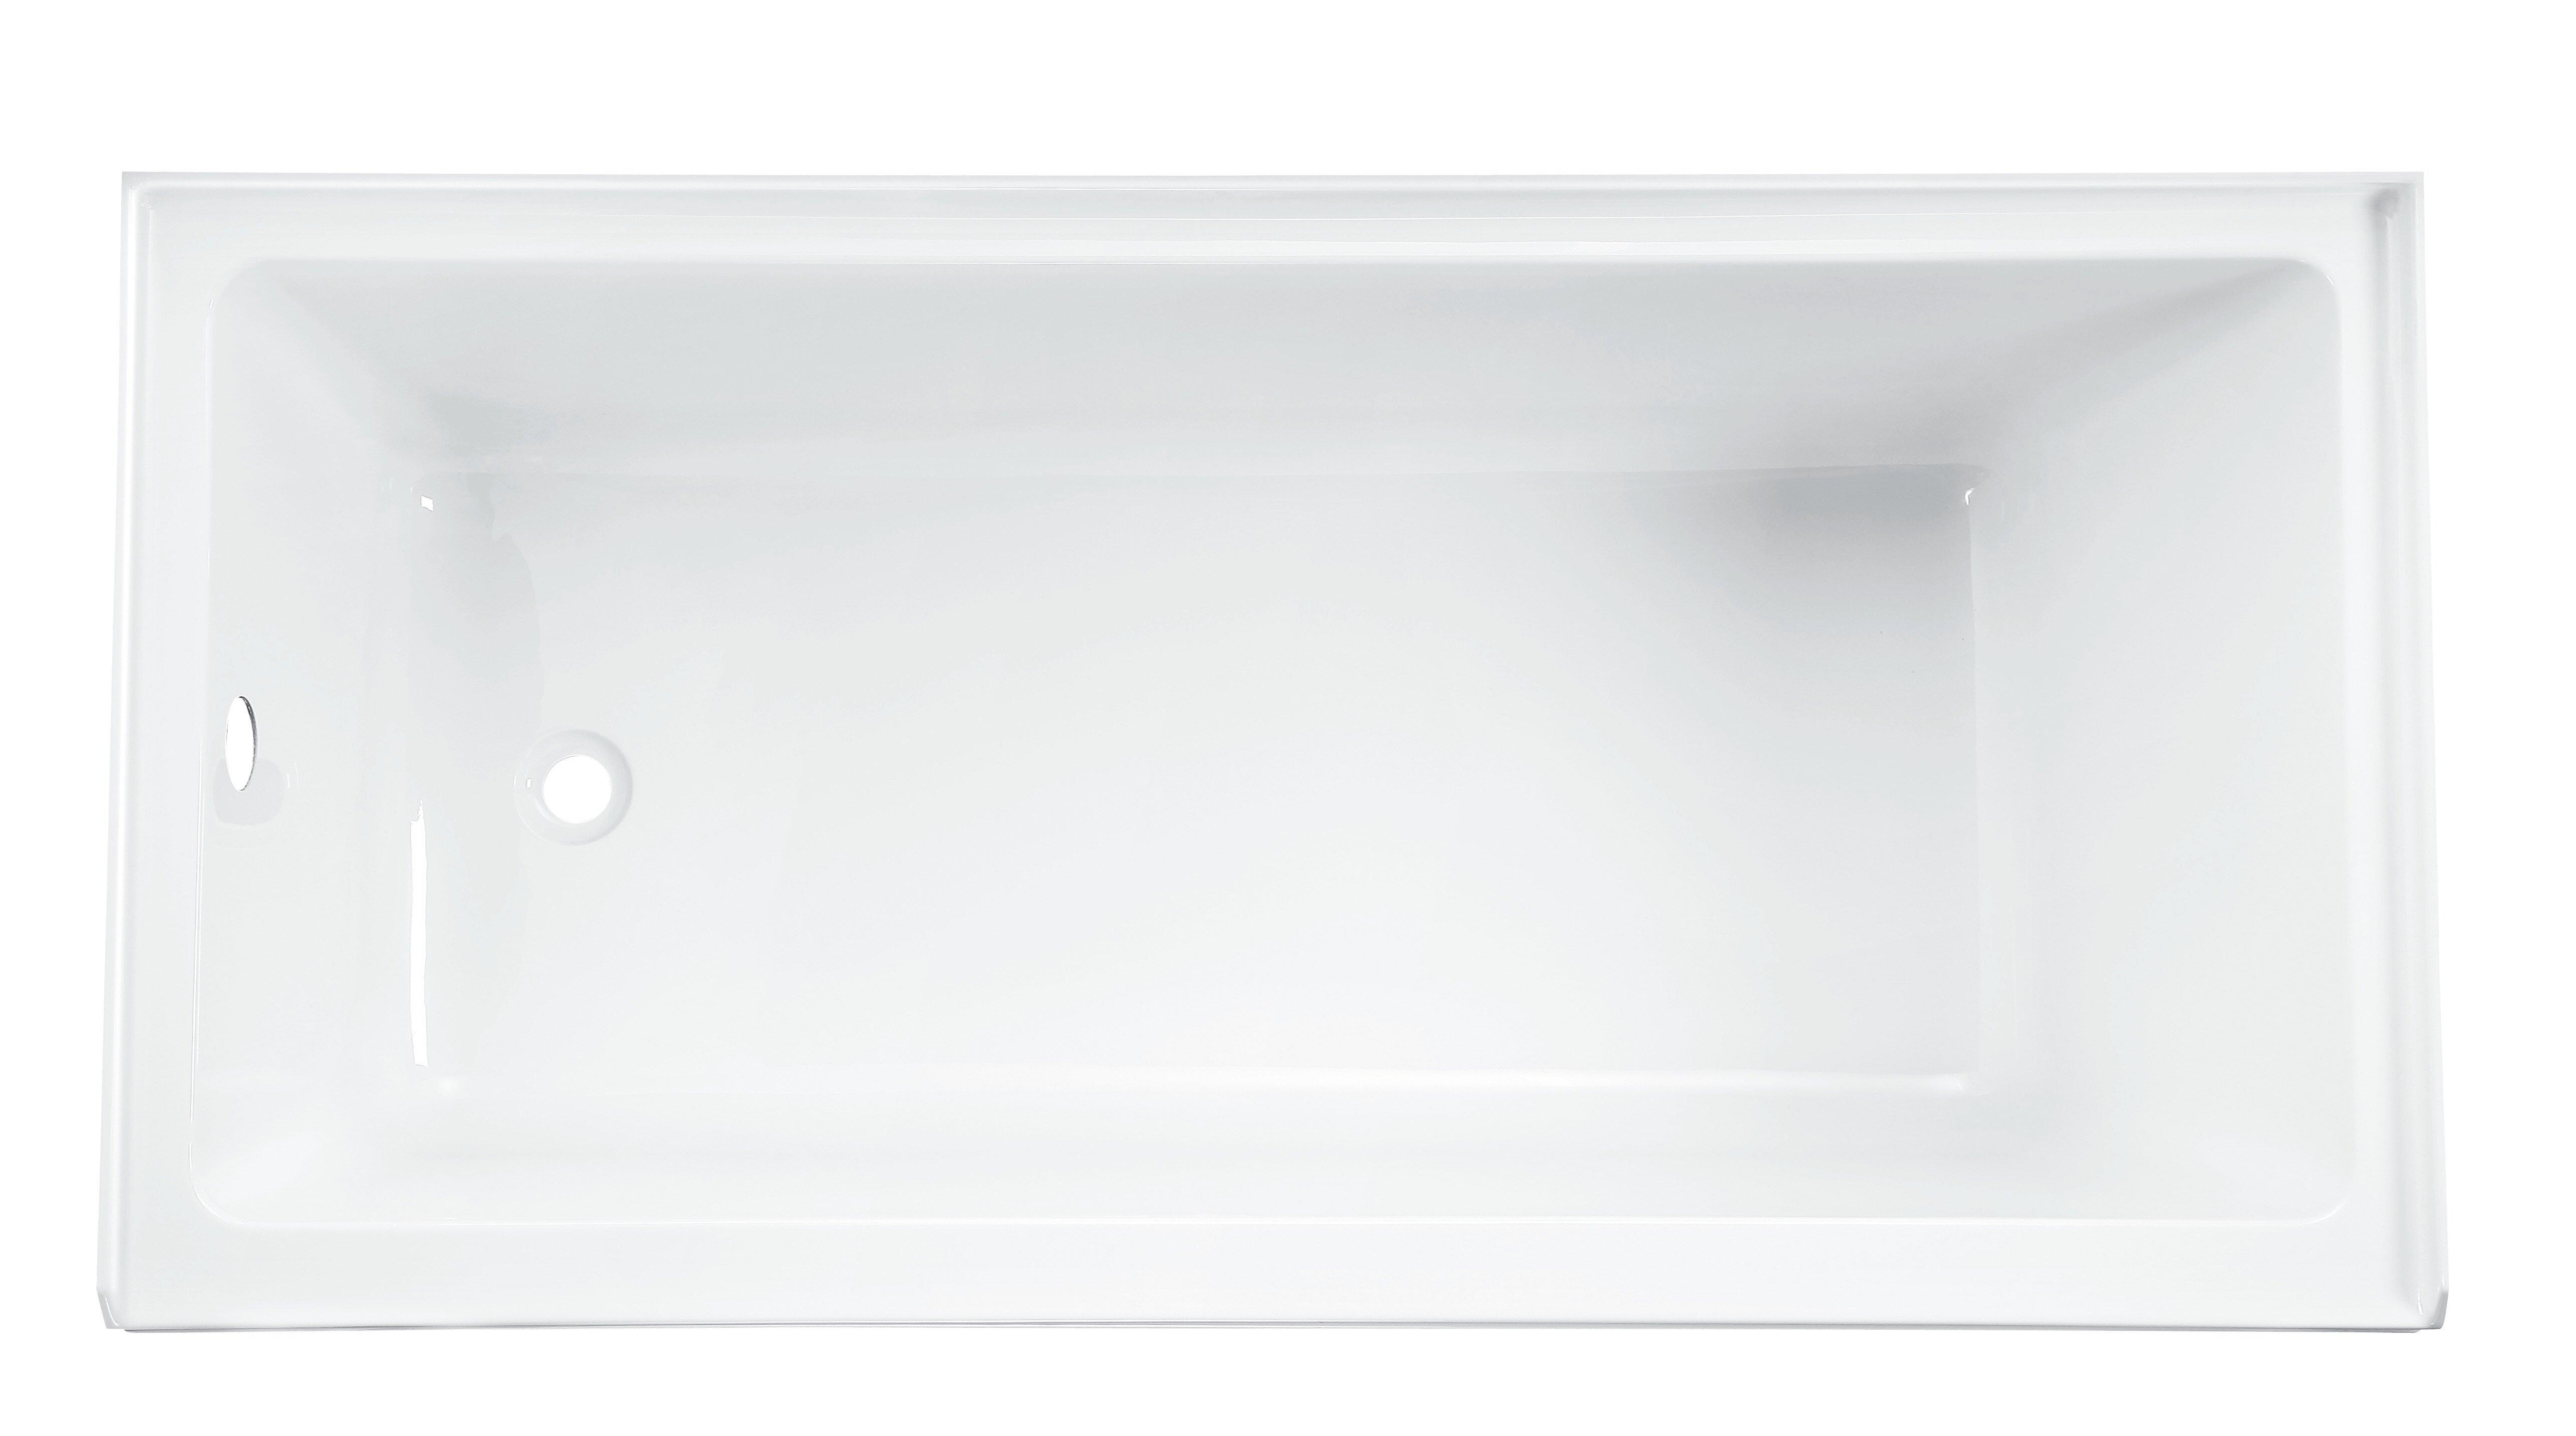 integral american x tub with bathtub inch apron drain studio right bathroom bathtubs standard